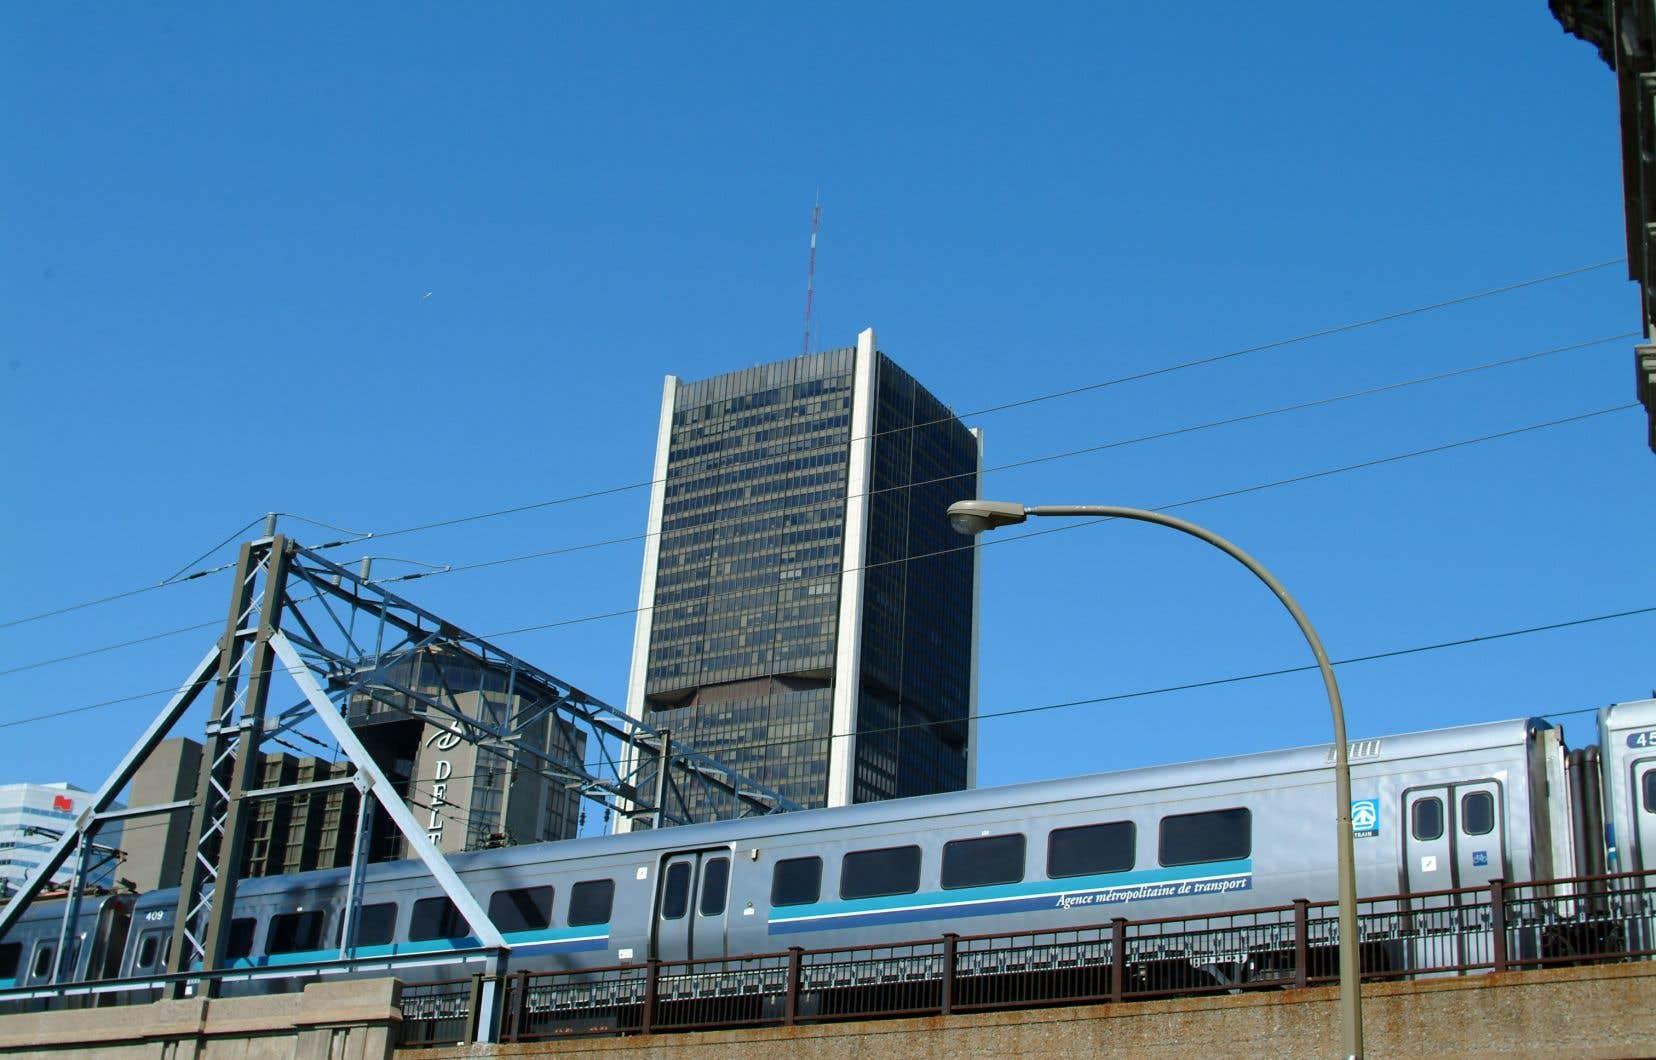 Le service sur le train de banlieue entre Deux-Montagnes et Montréal sera suspendu toutes les fins de semaine dès vendredi soir, et ce, jusqu'à ce que le REM entre en service en 2023.